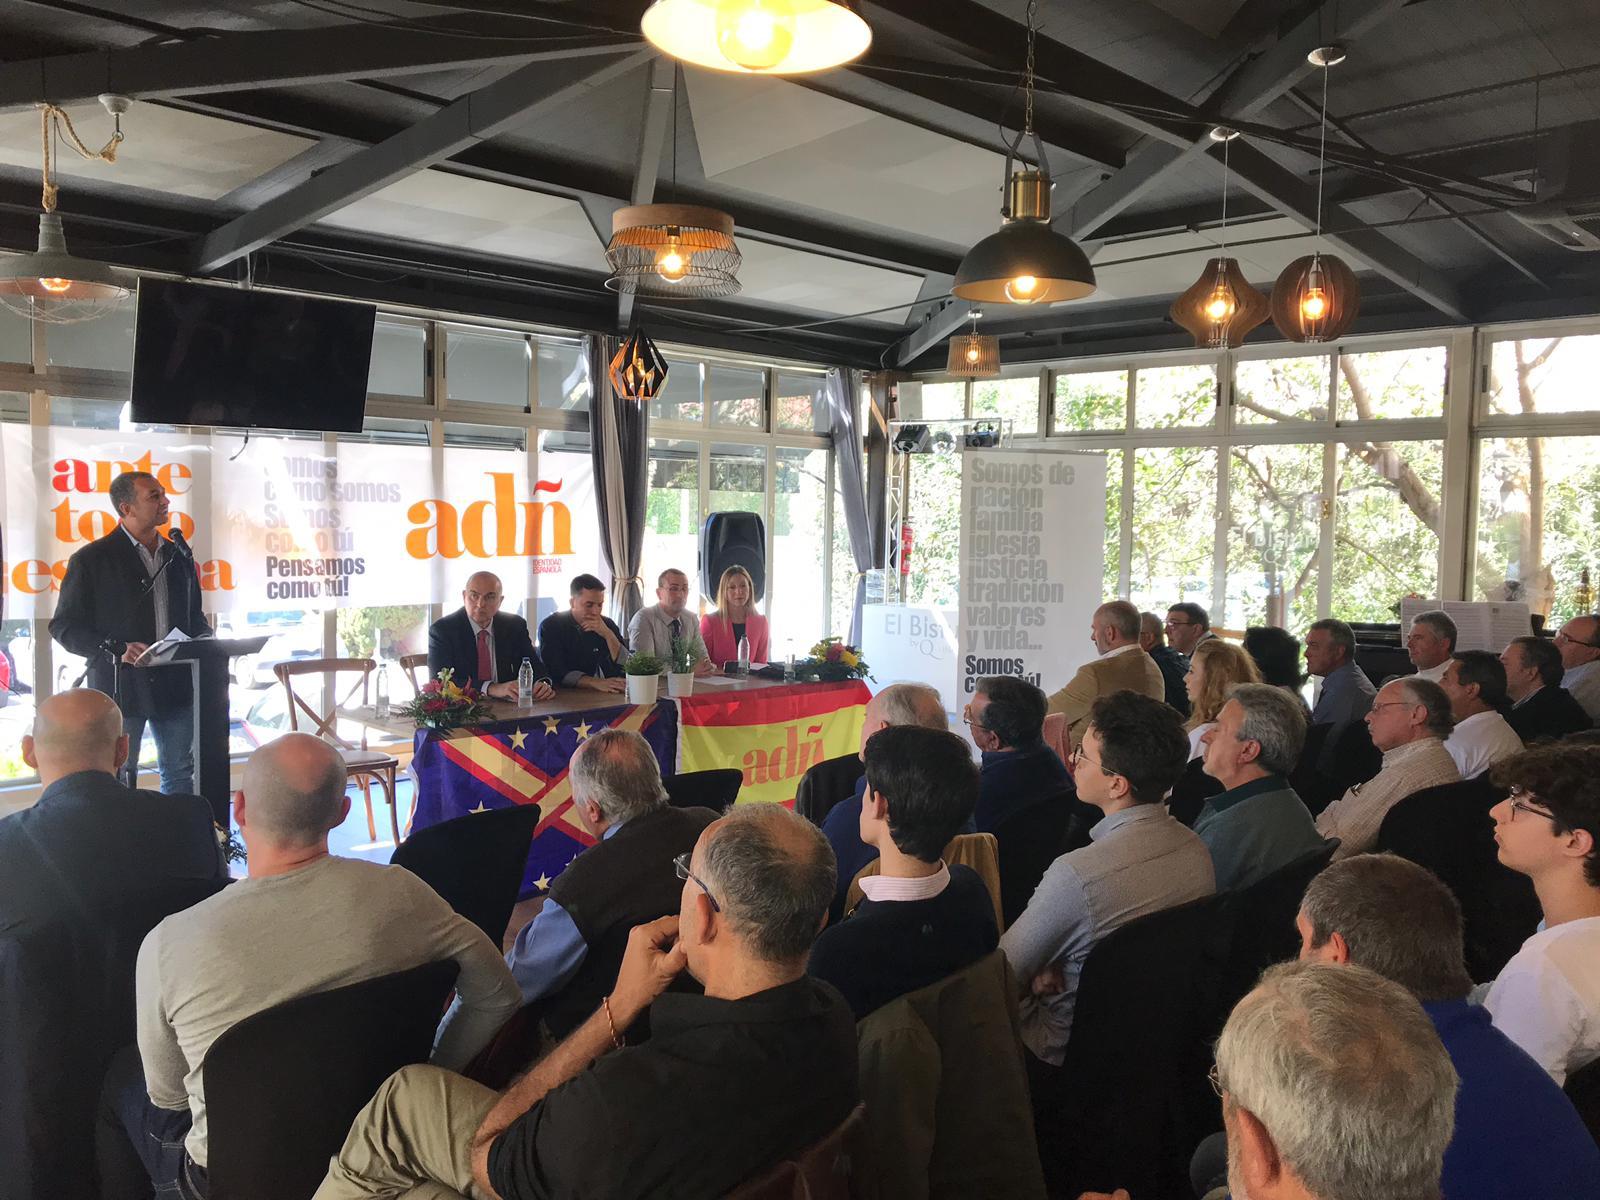 Vídeo de la presentación de ADÑ en Alicante